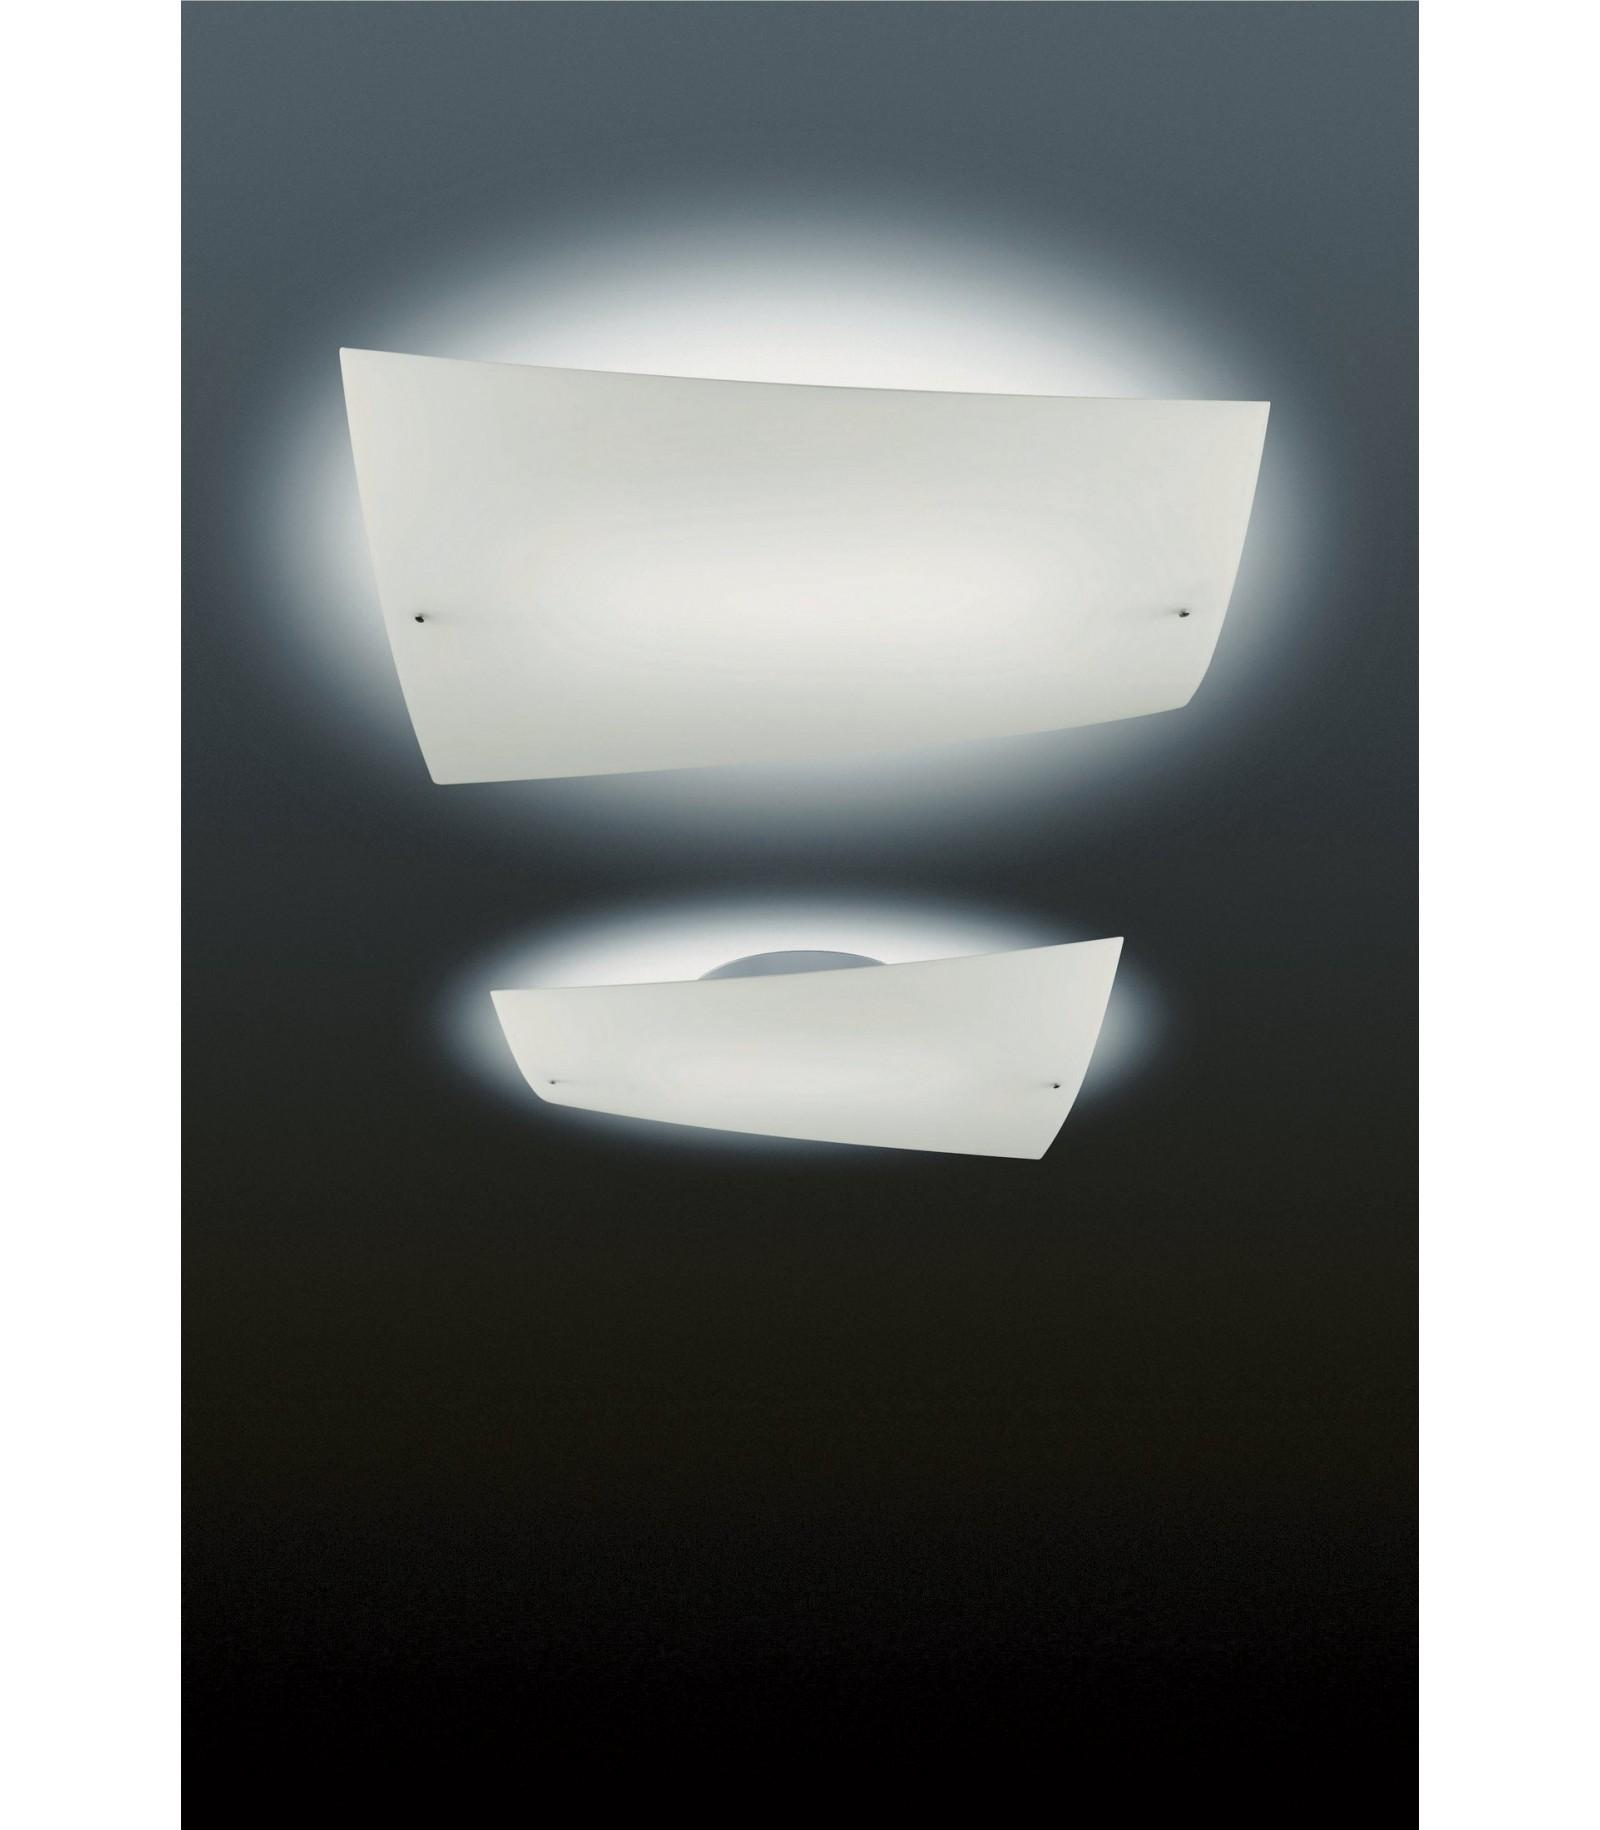 Lampada a soffitto folio foscarini for Lampade a soffitto